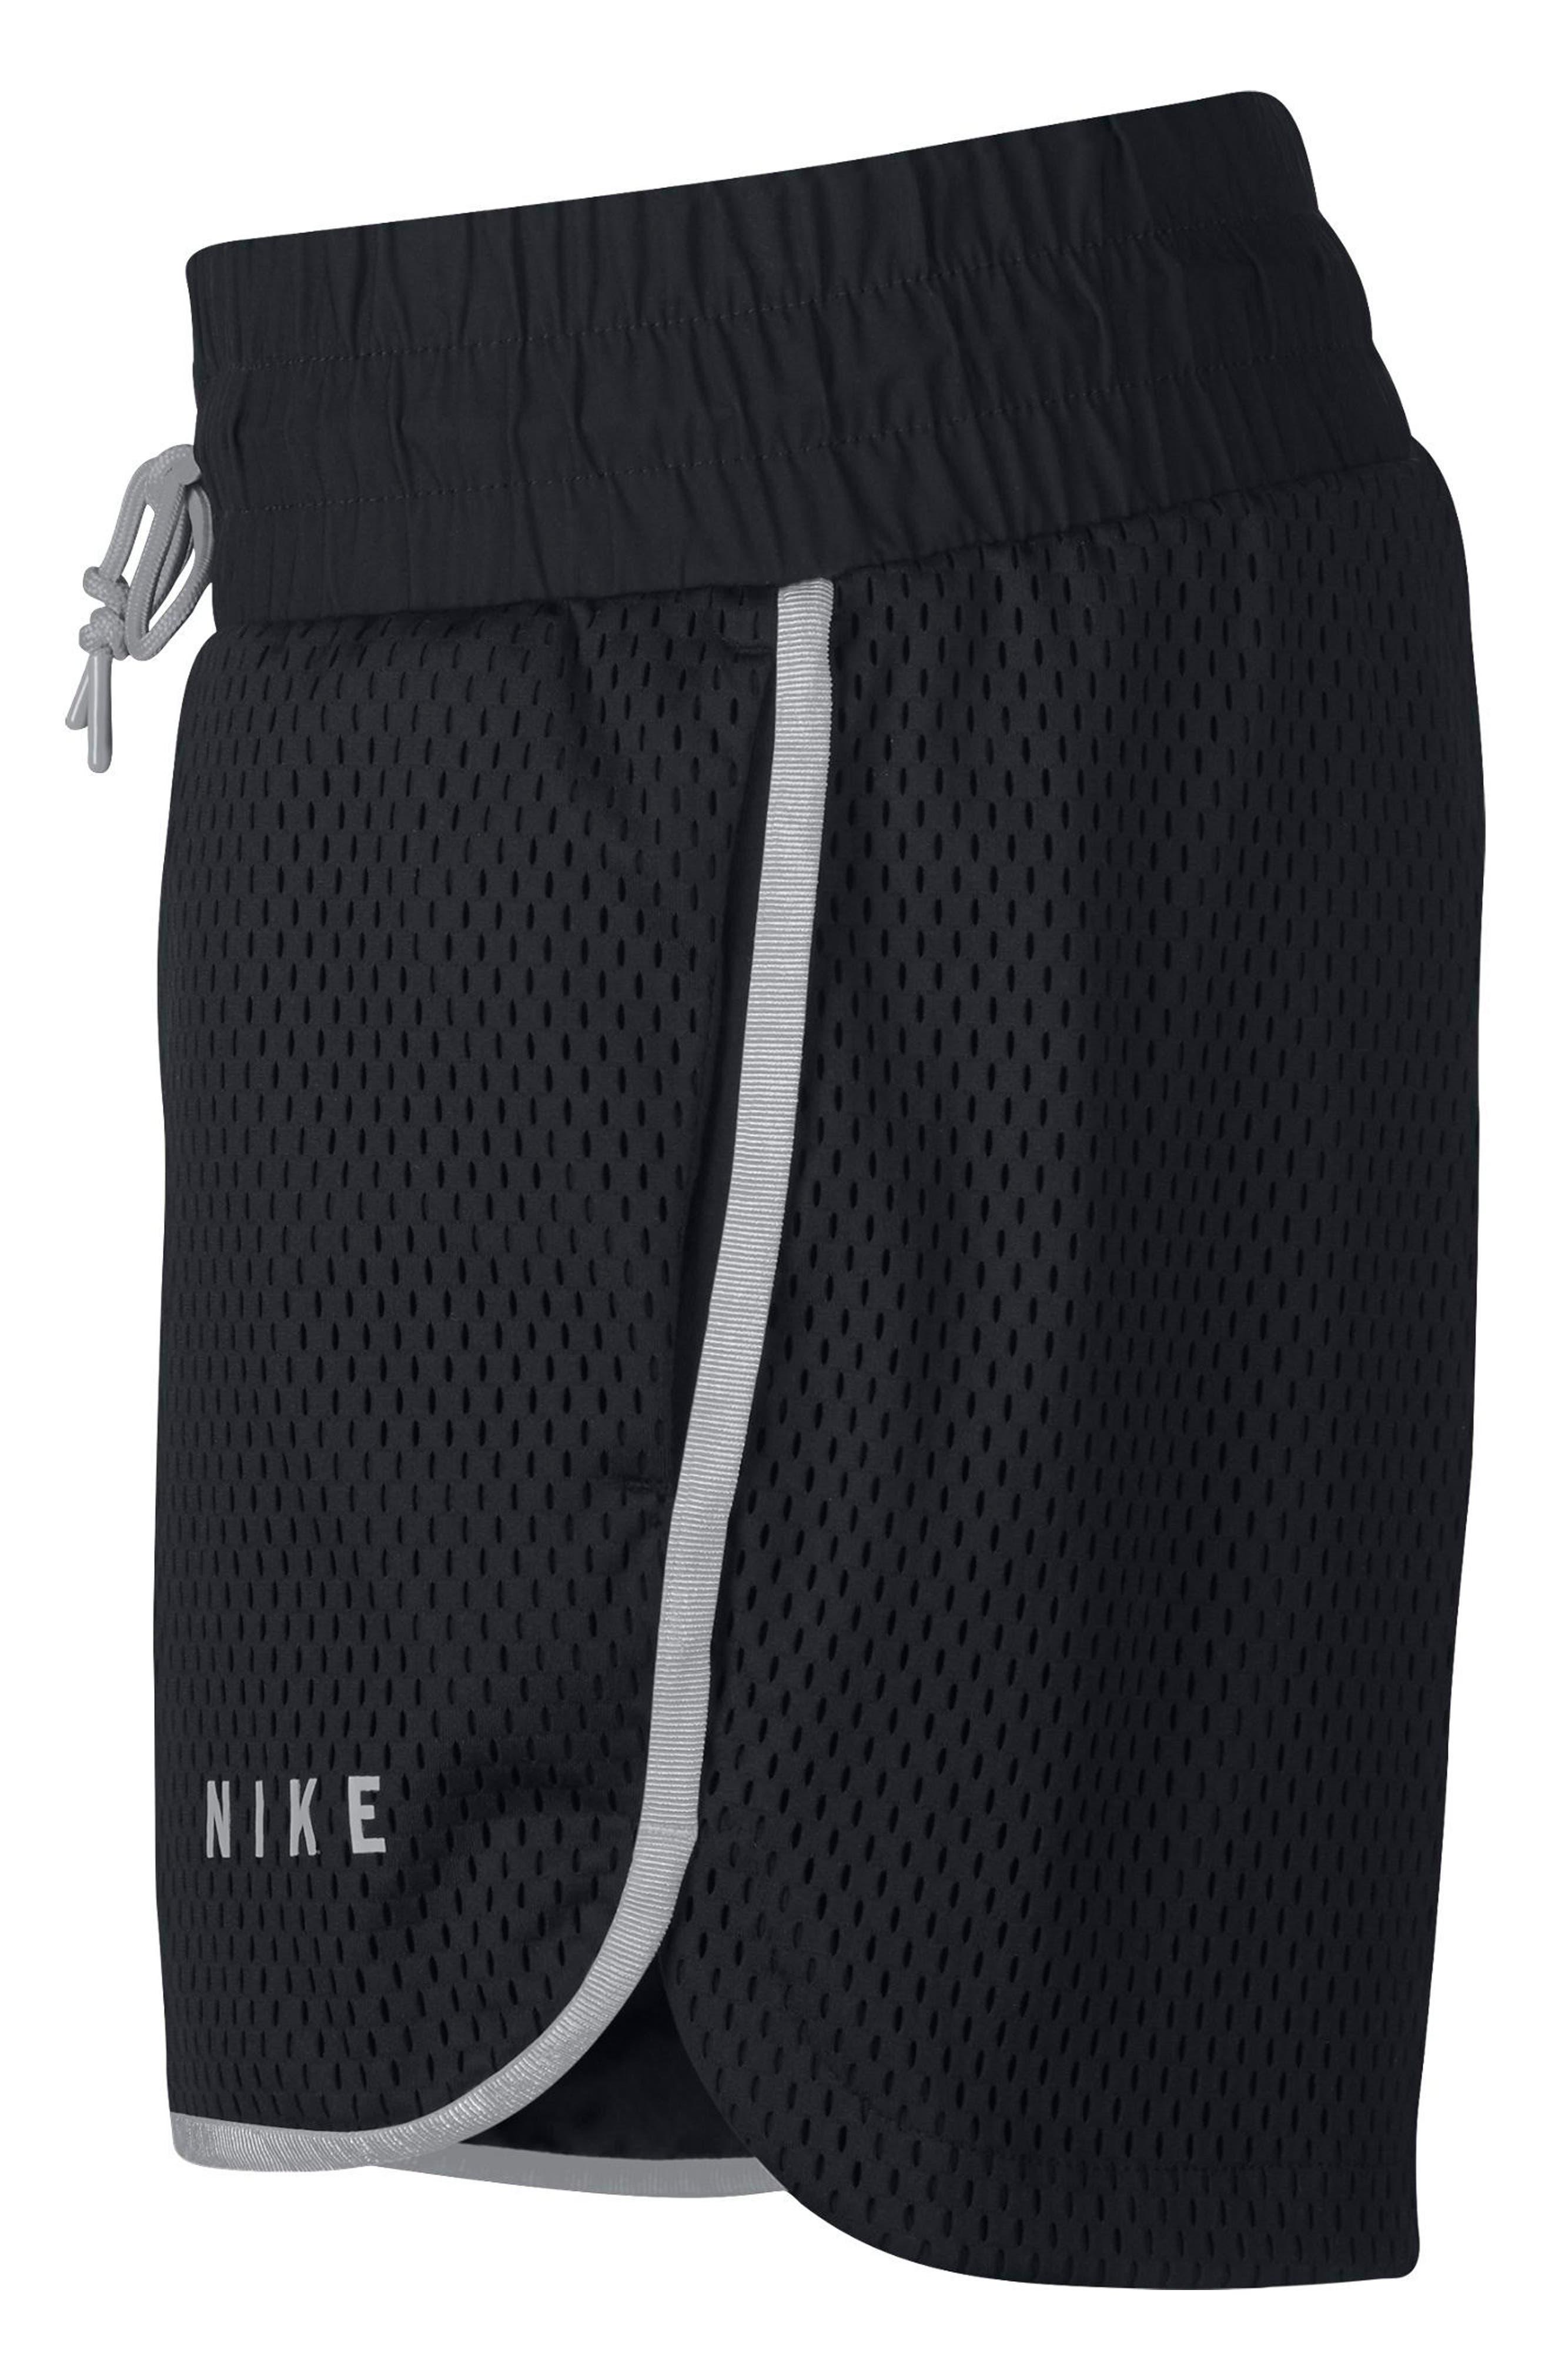 Sportswear Women's Dri-FIT Mesh Shorts,                             Alternate thumbnail 9, color,                             BLACK/ LIGHT BONE